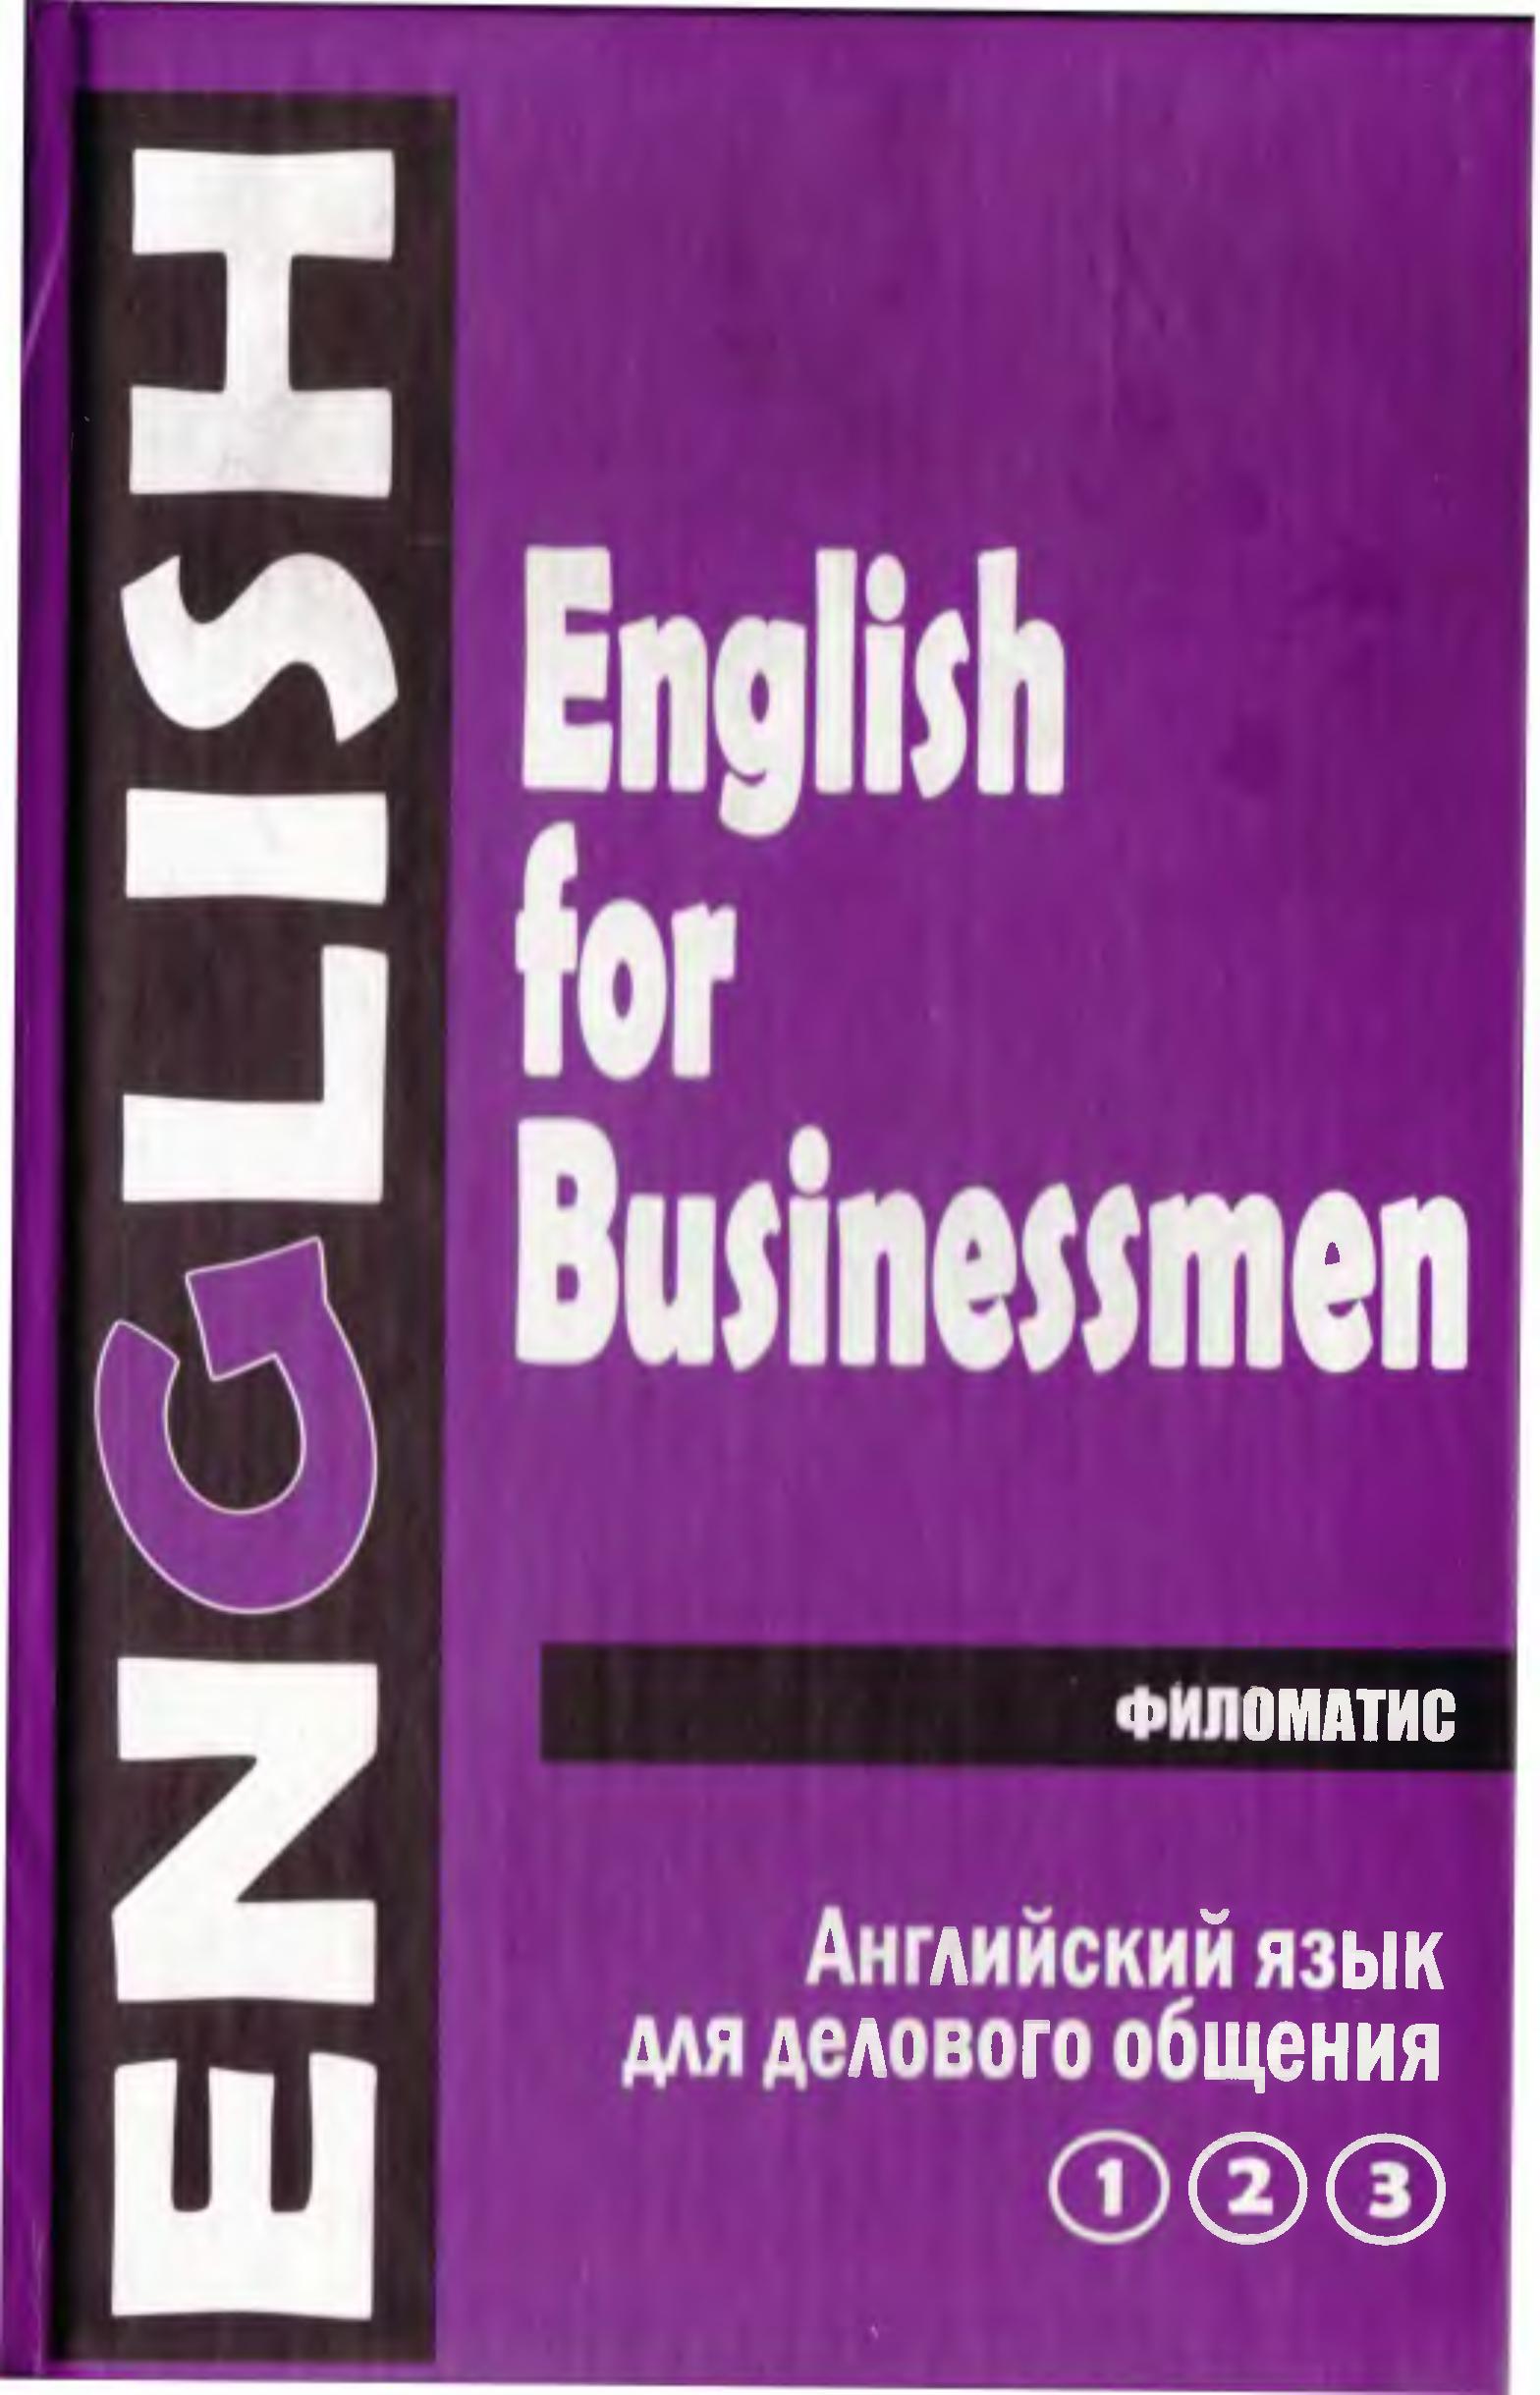 для решебник бизнесмена английскому языку по